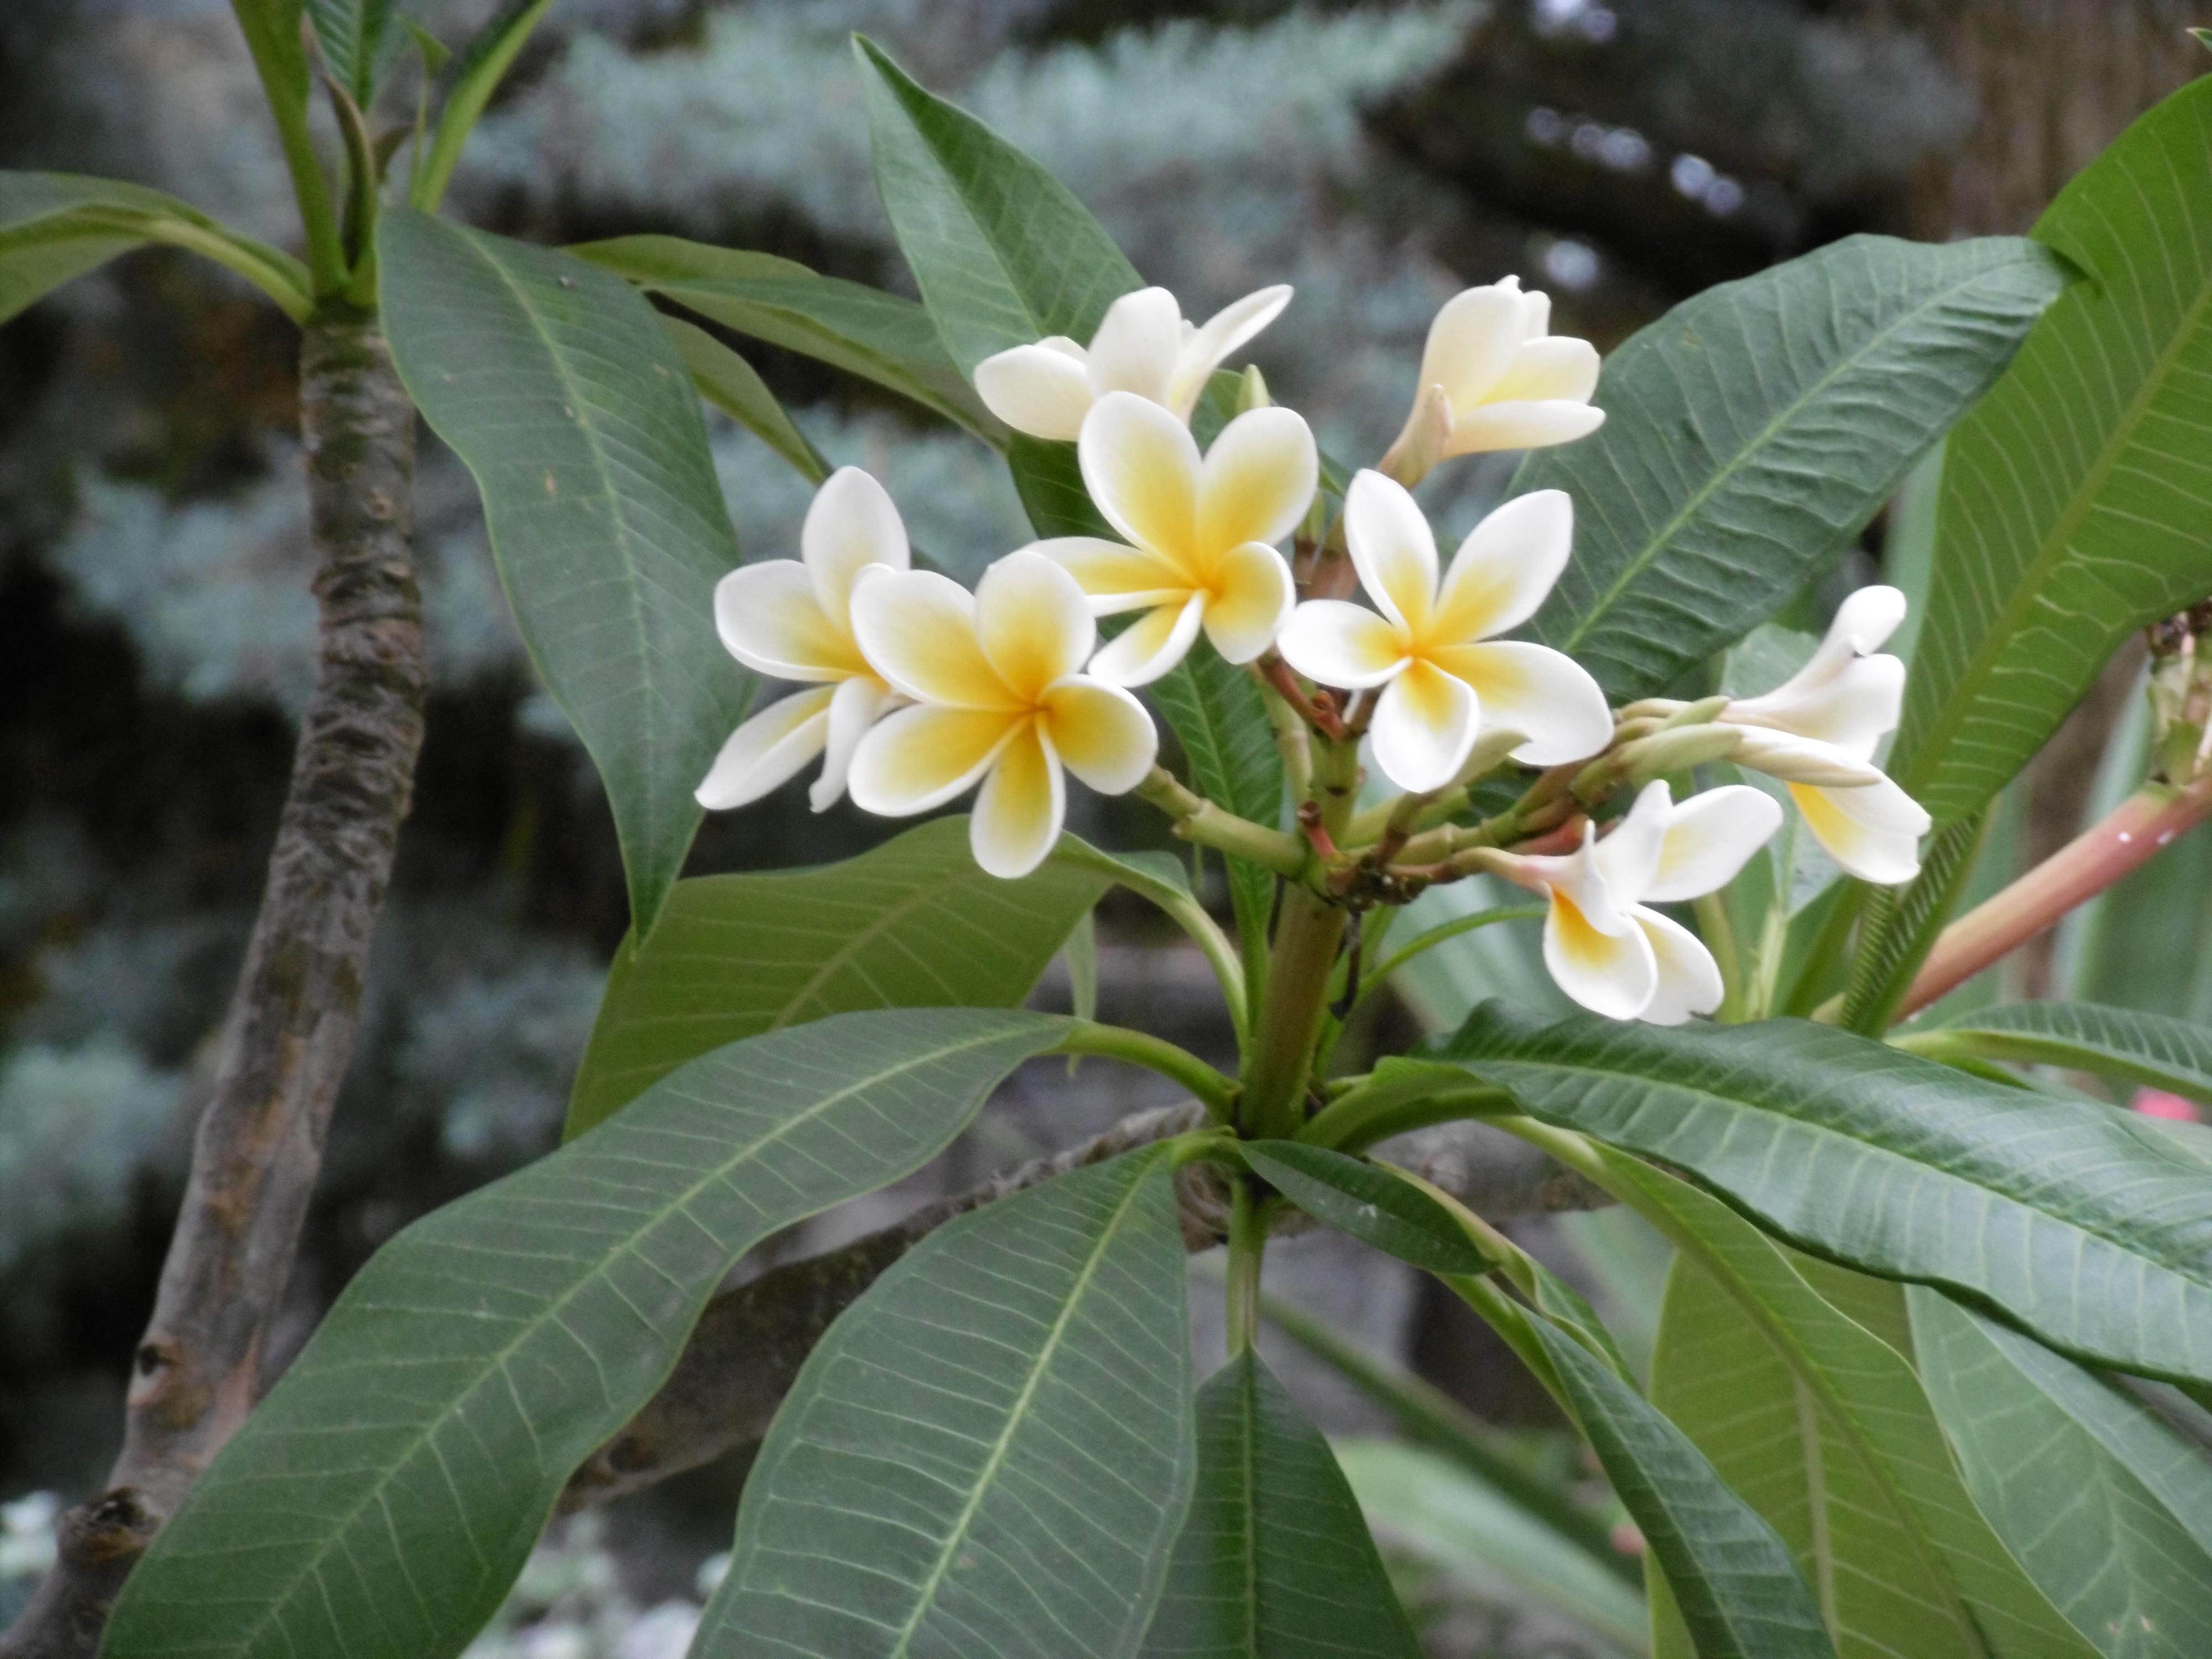 Ein schönes Titelbild: Eine Blume